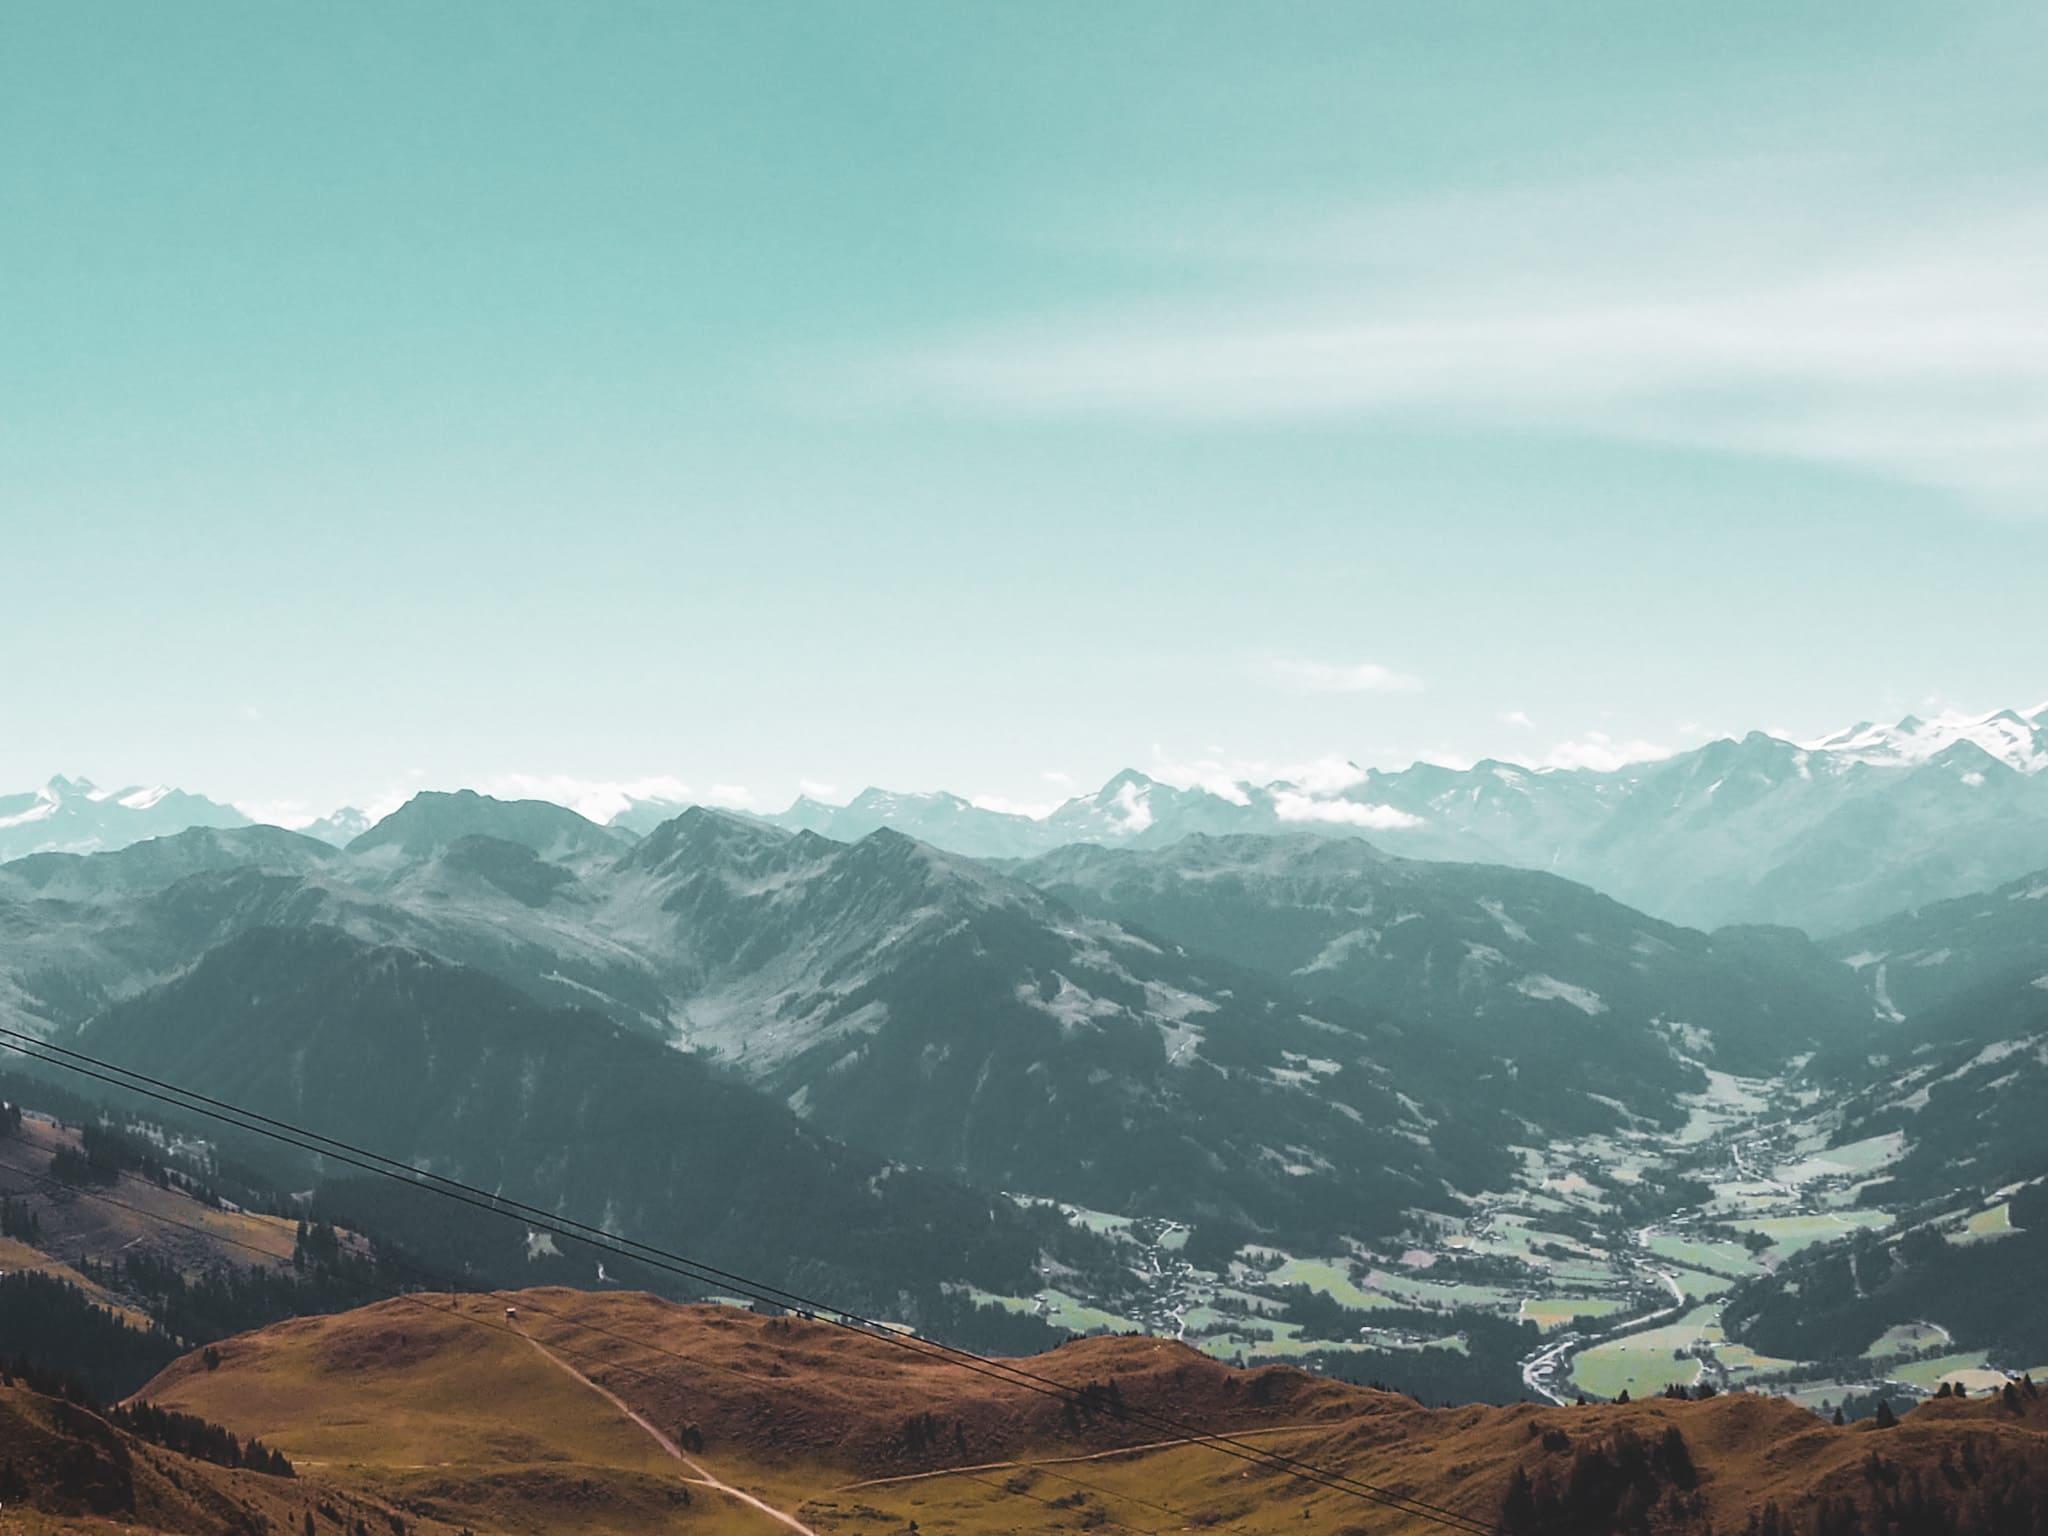 Der Blick vom Gipfel